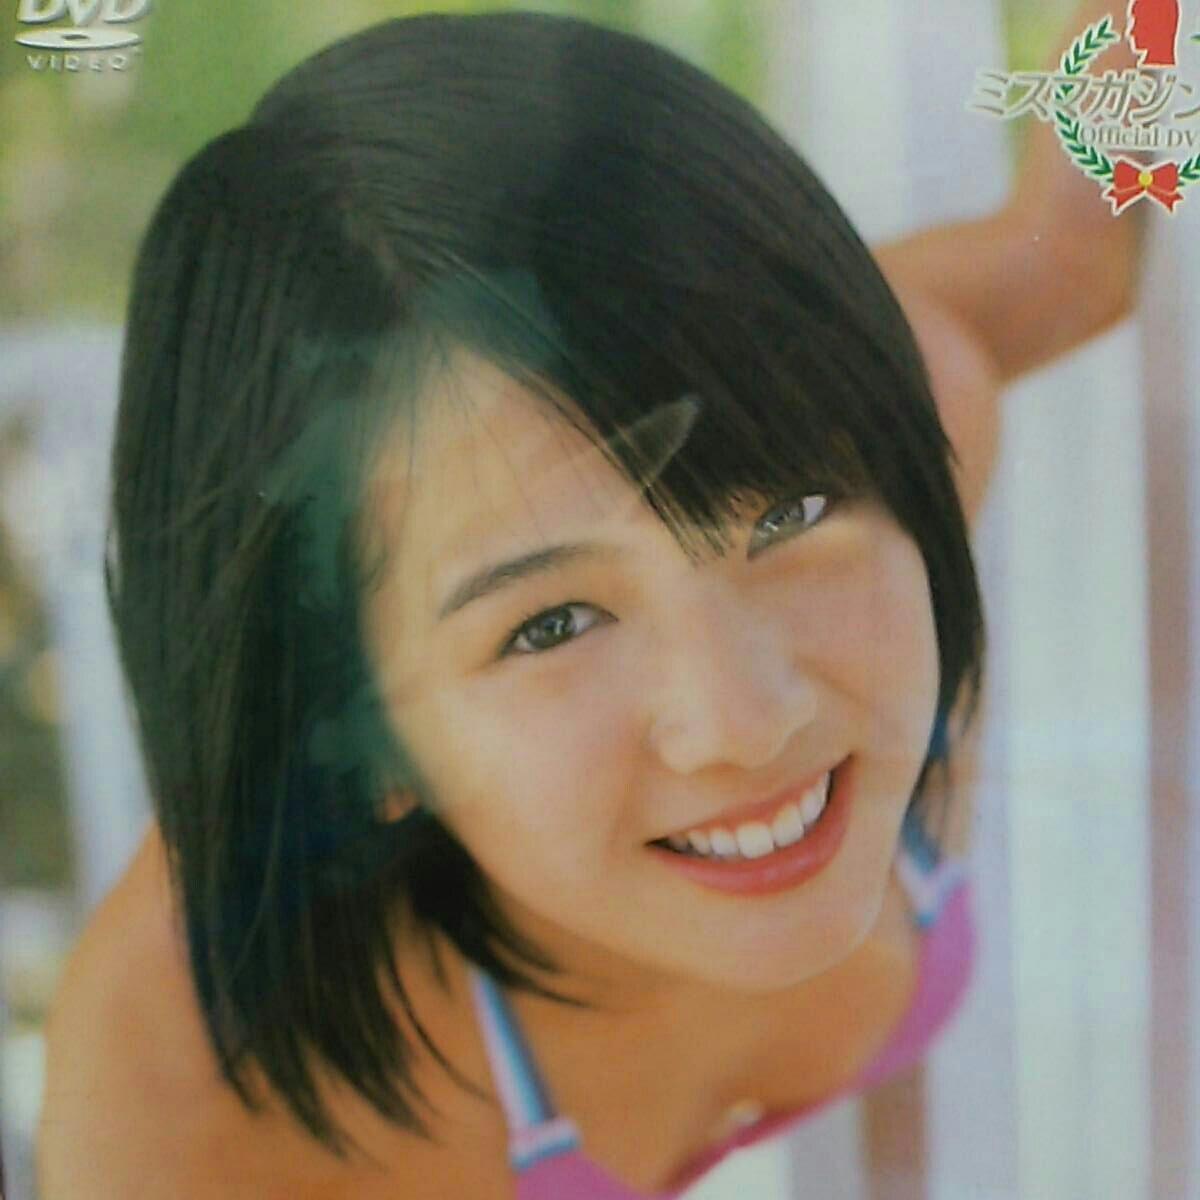 中古DVD 桜庭ななみ ミスマガジン 2008  グッズの画像